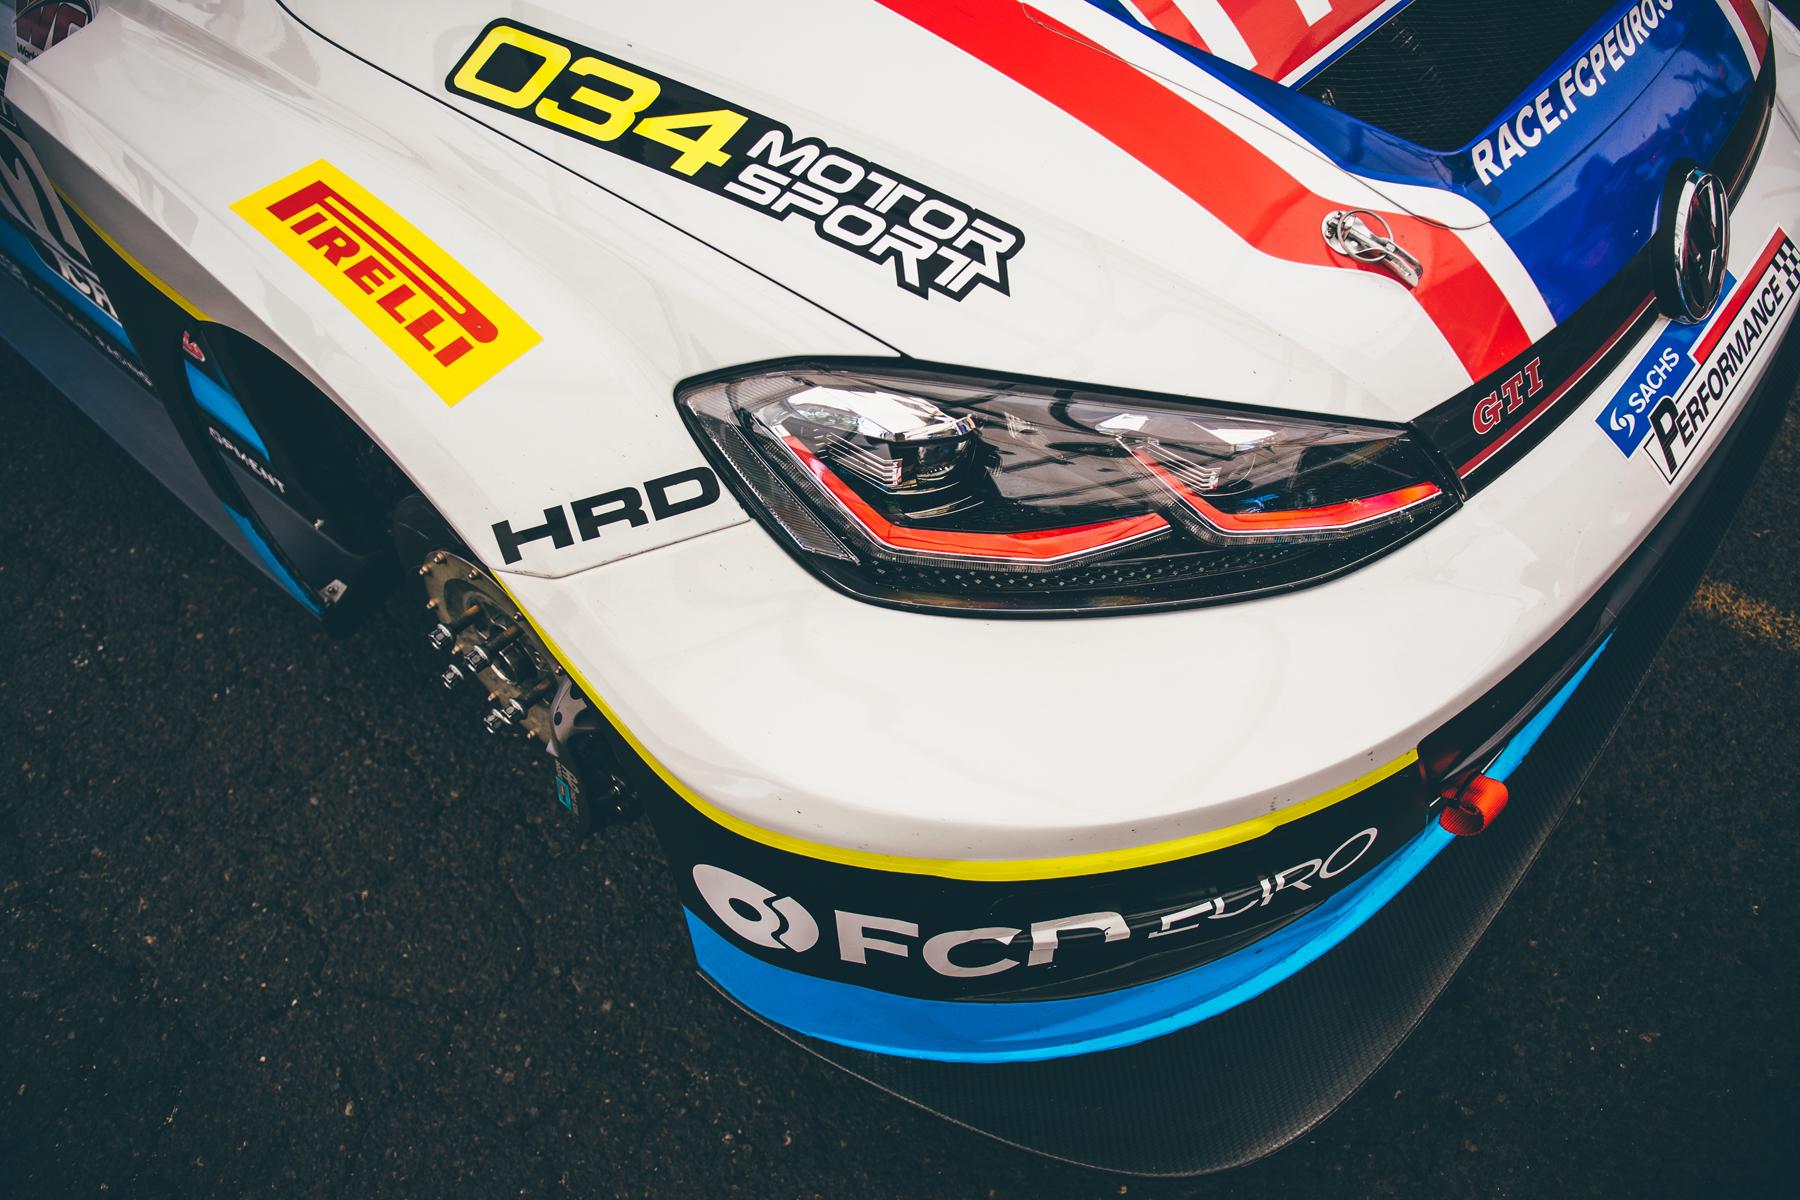 pirelli-world-challenge-pir-fcp-euro-mk7-volkswagen-gti-tcr-08.jpg